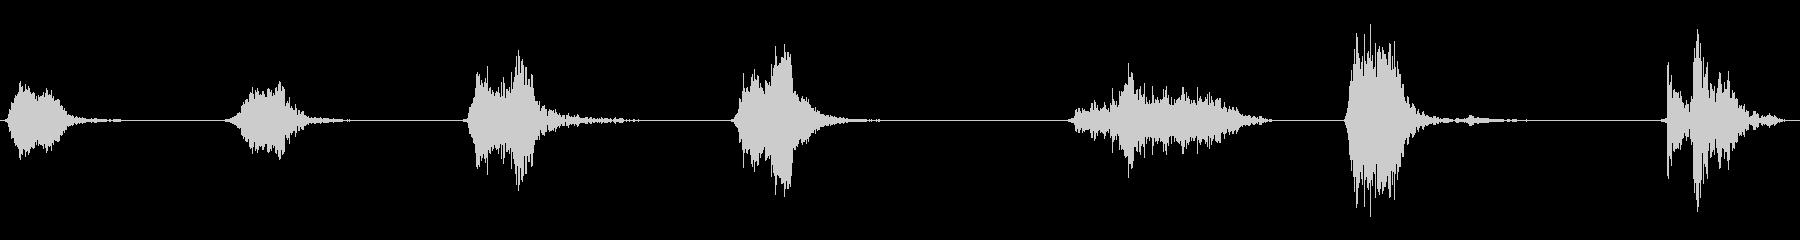 重い板金上のさまざまな短い金属スクラップの未再生の波形